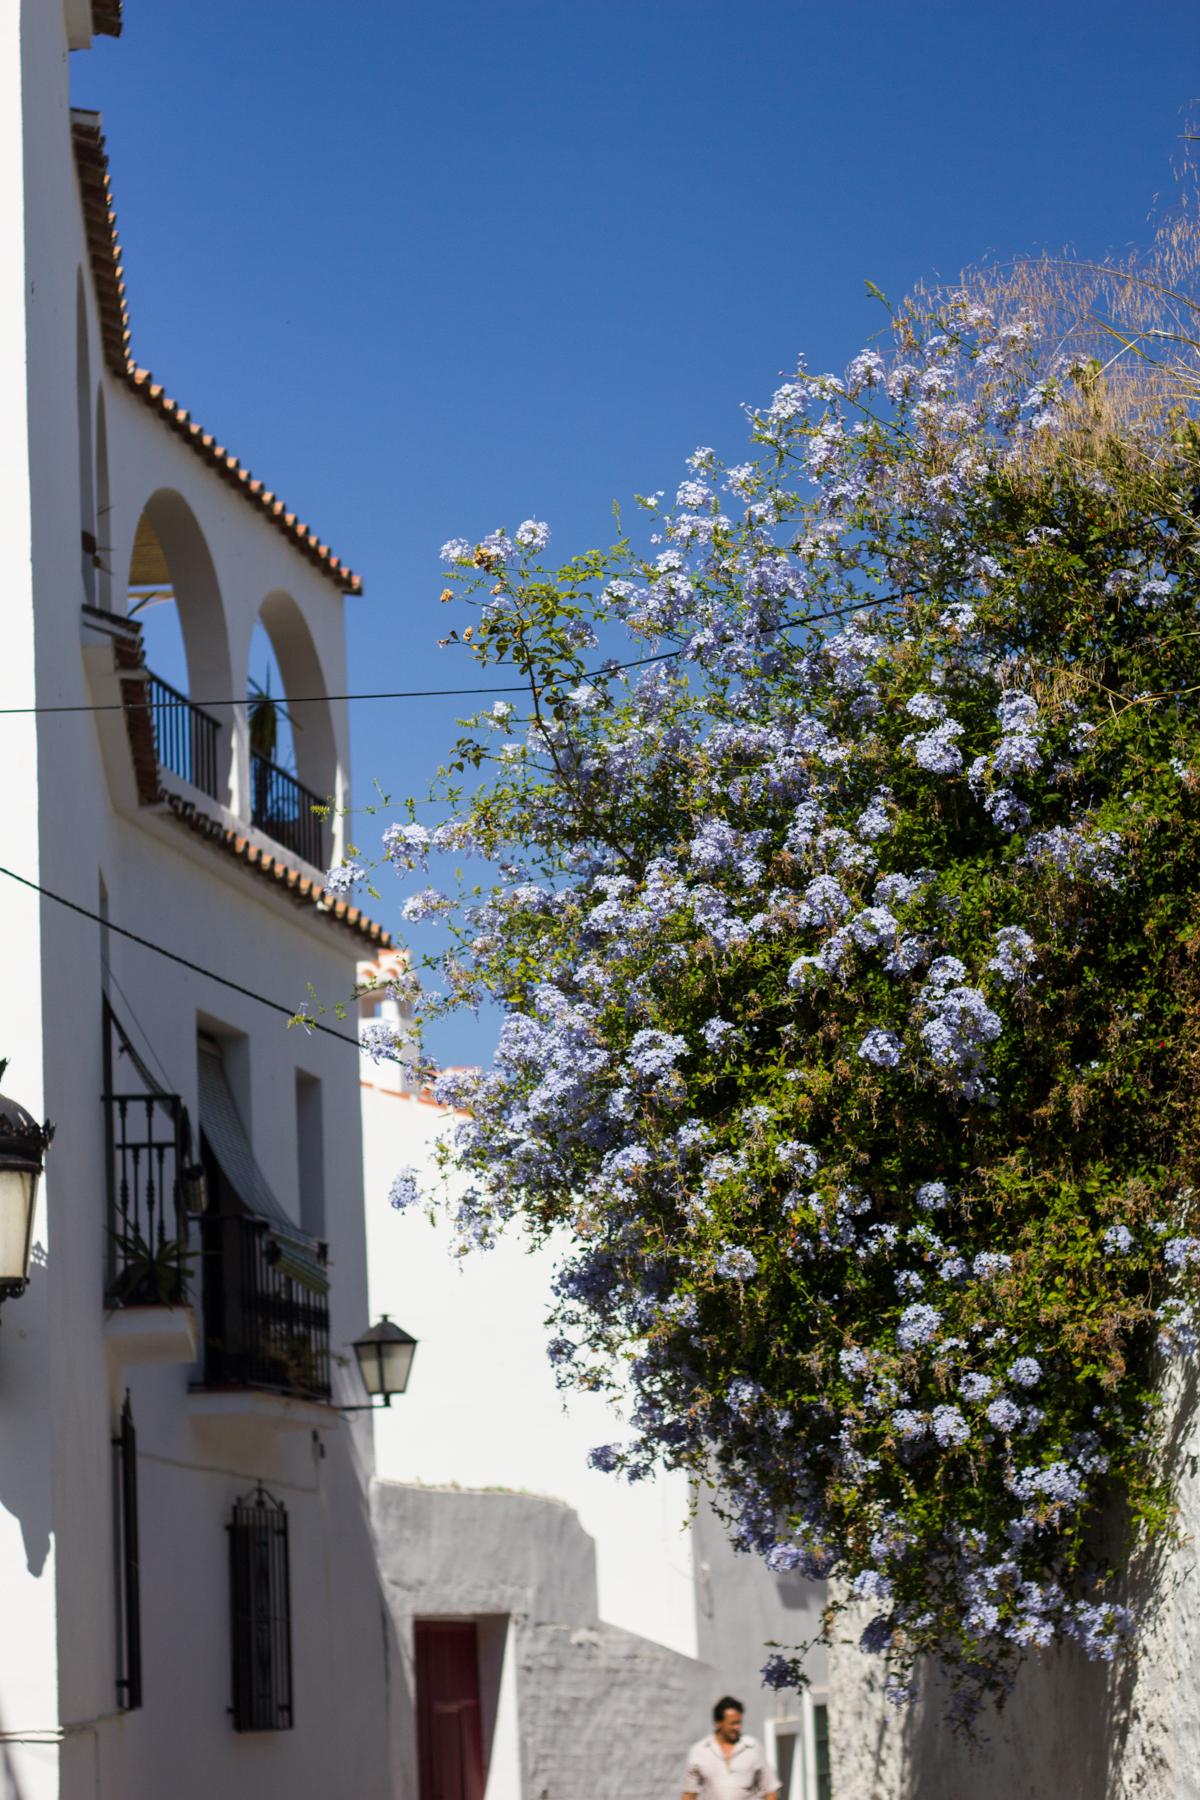 Flowers in Competa, Spain